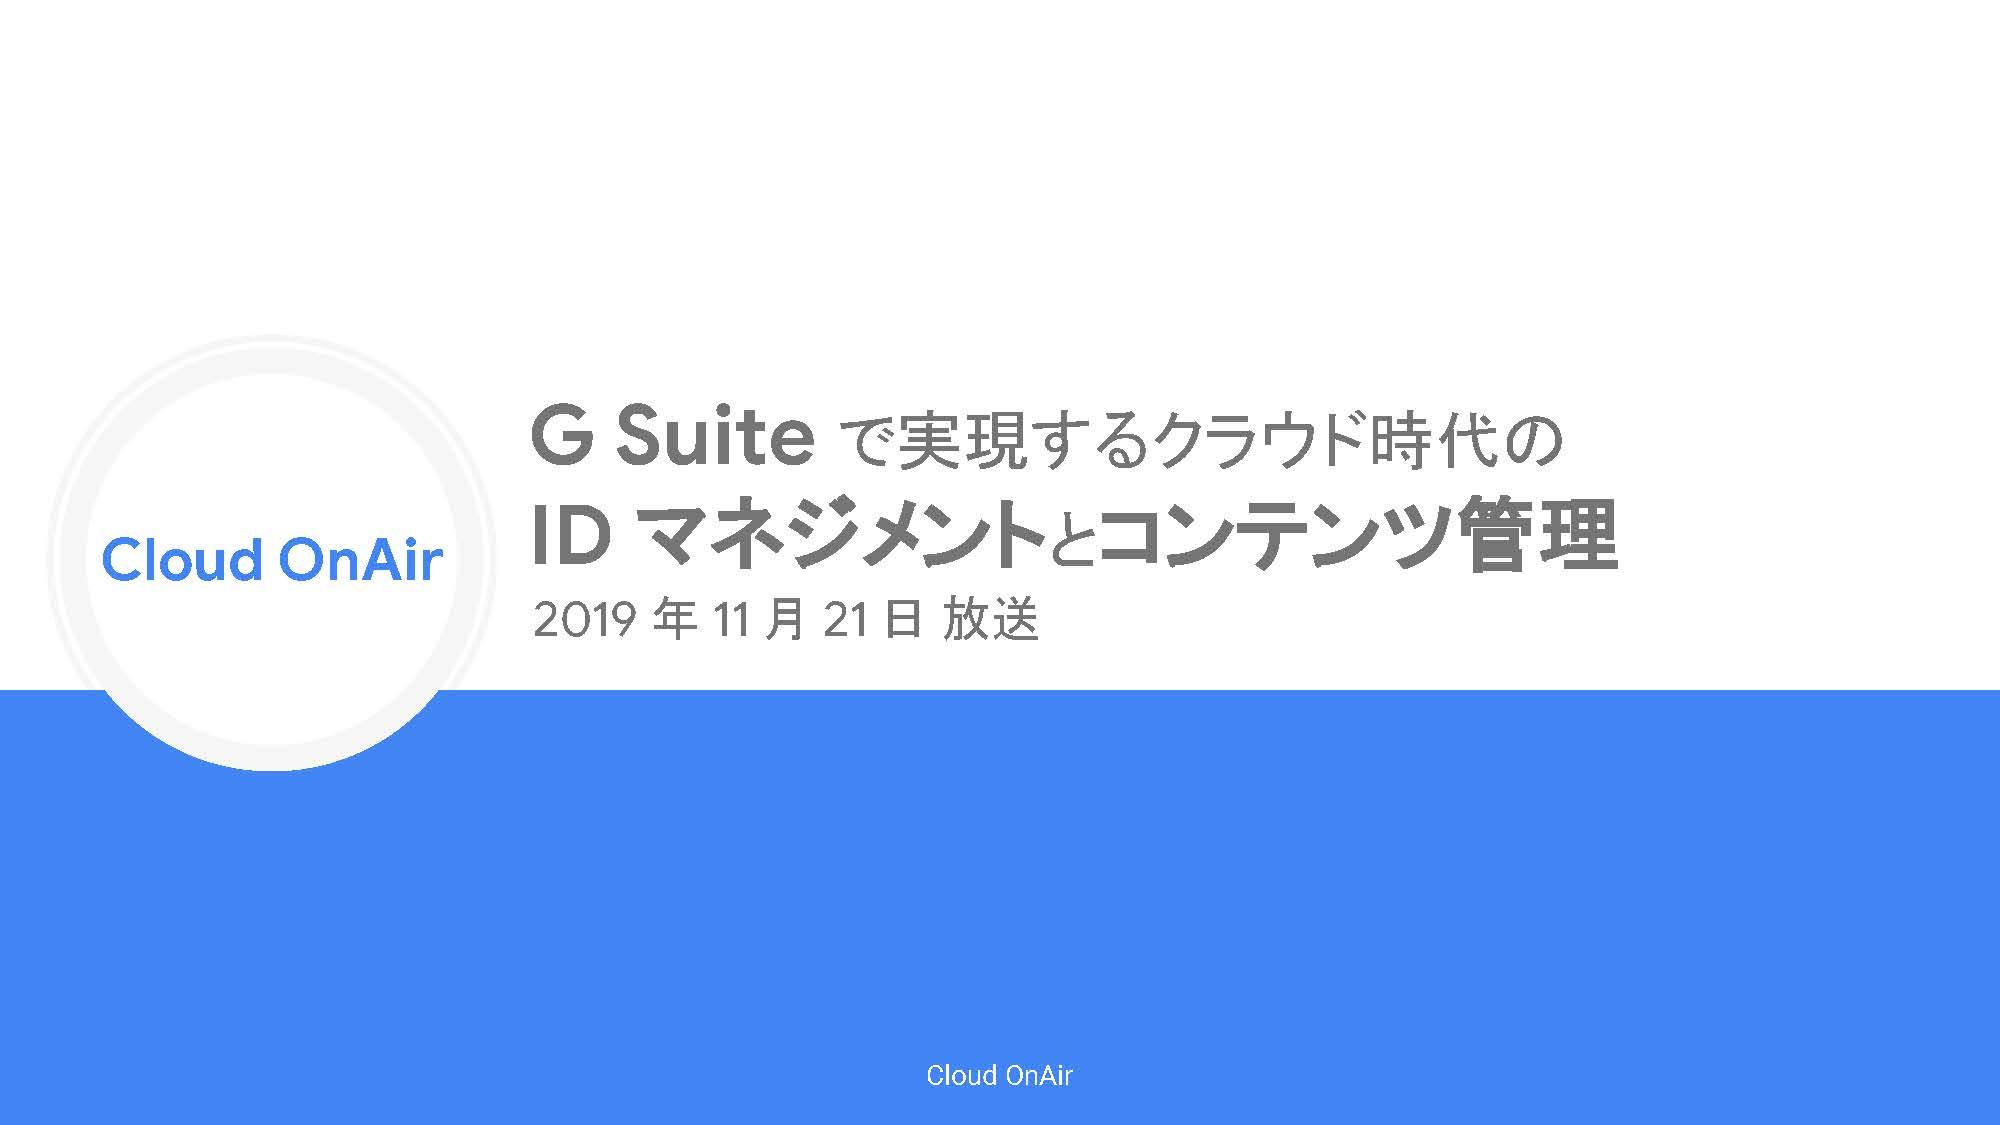 1121-1911210606301.jpg